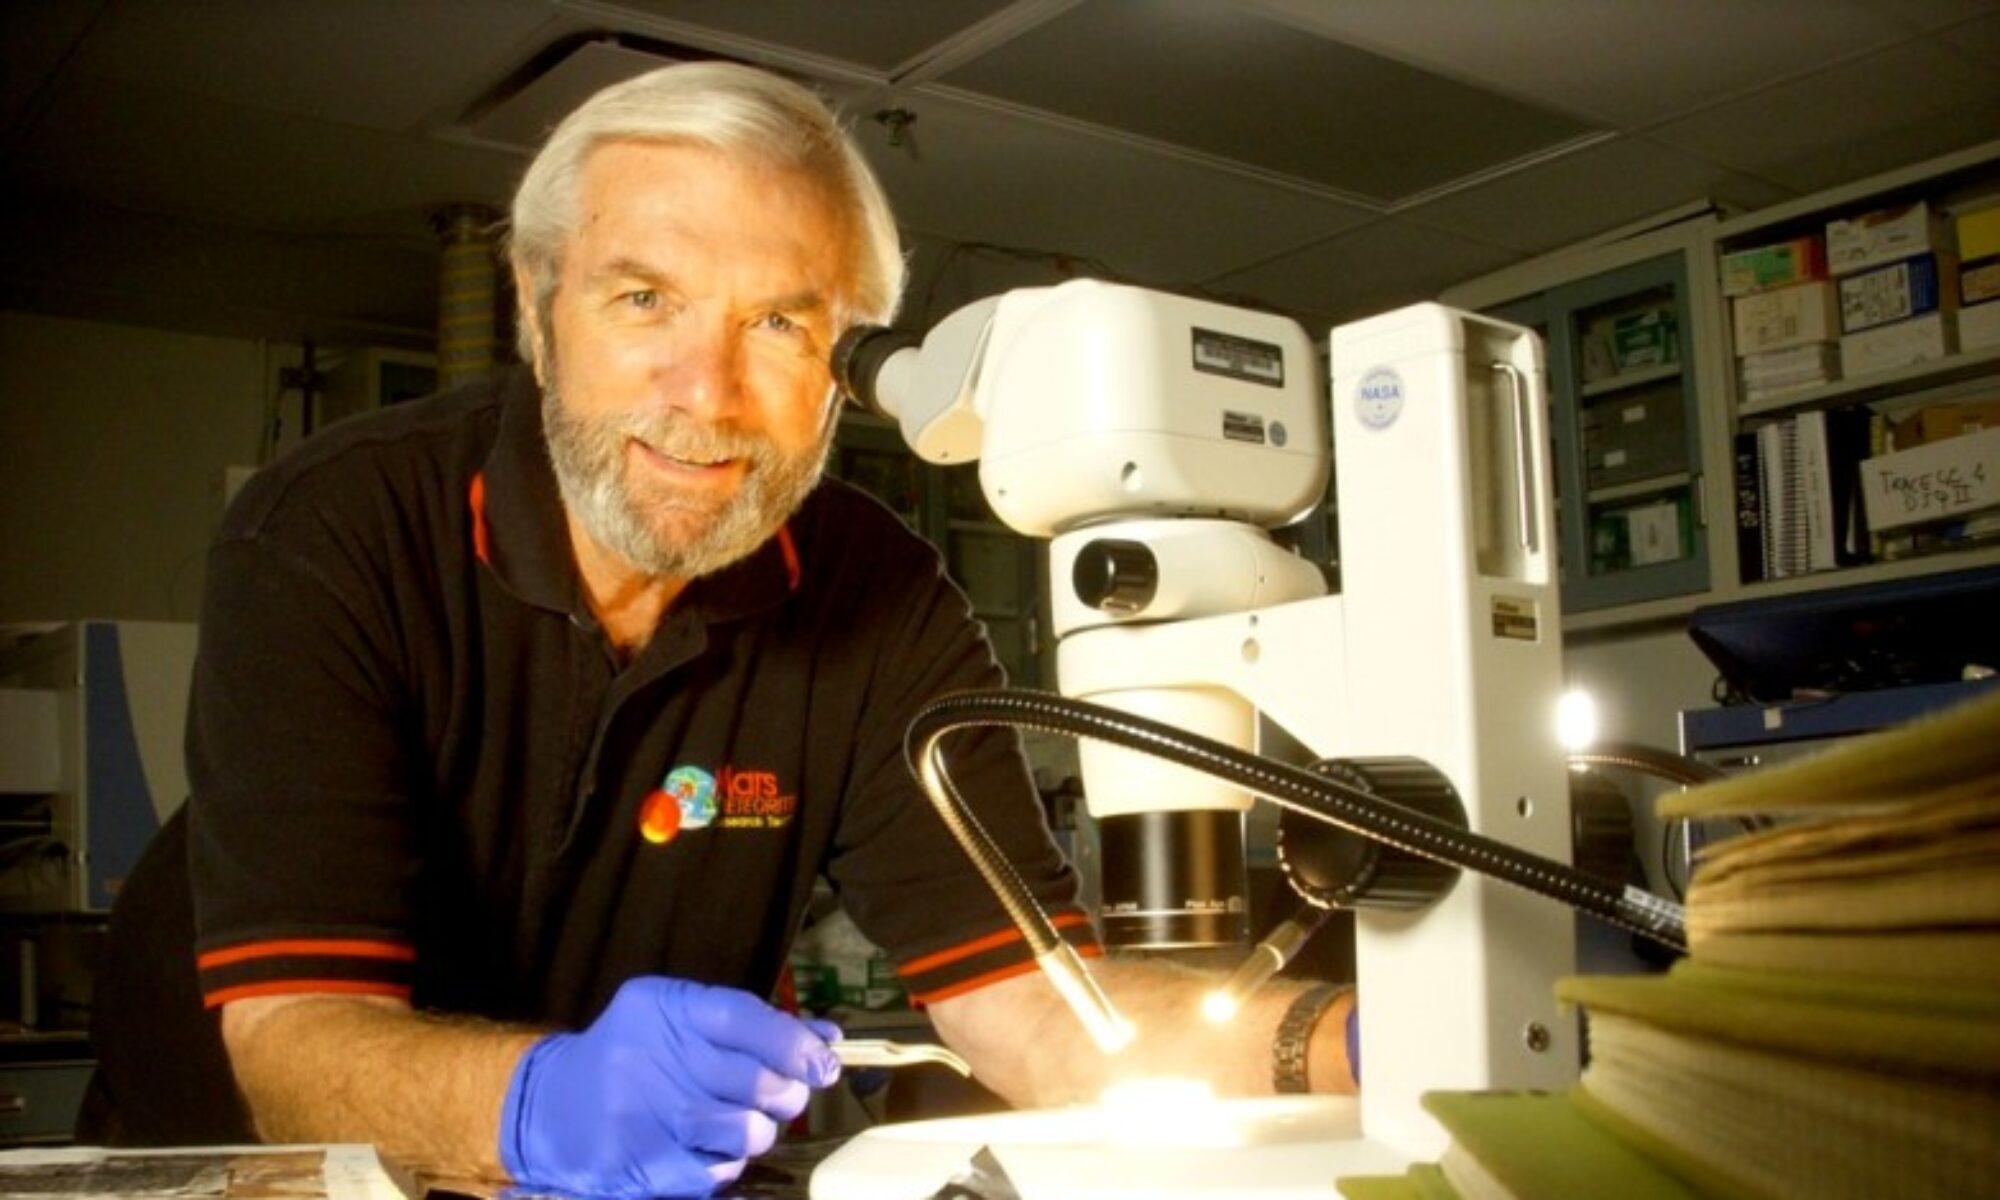 Dr. Everett Gibson